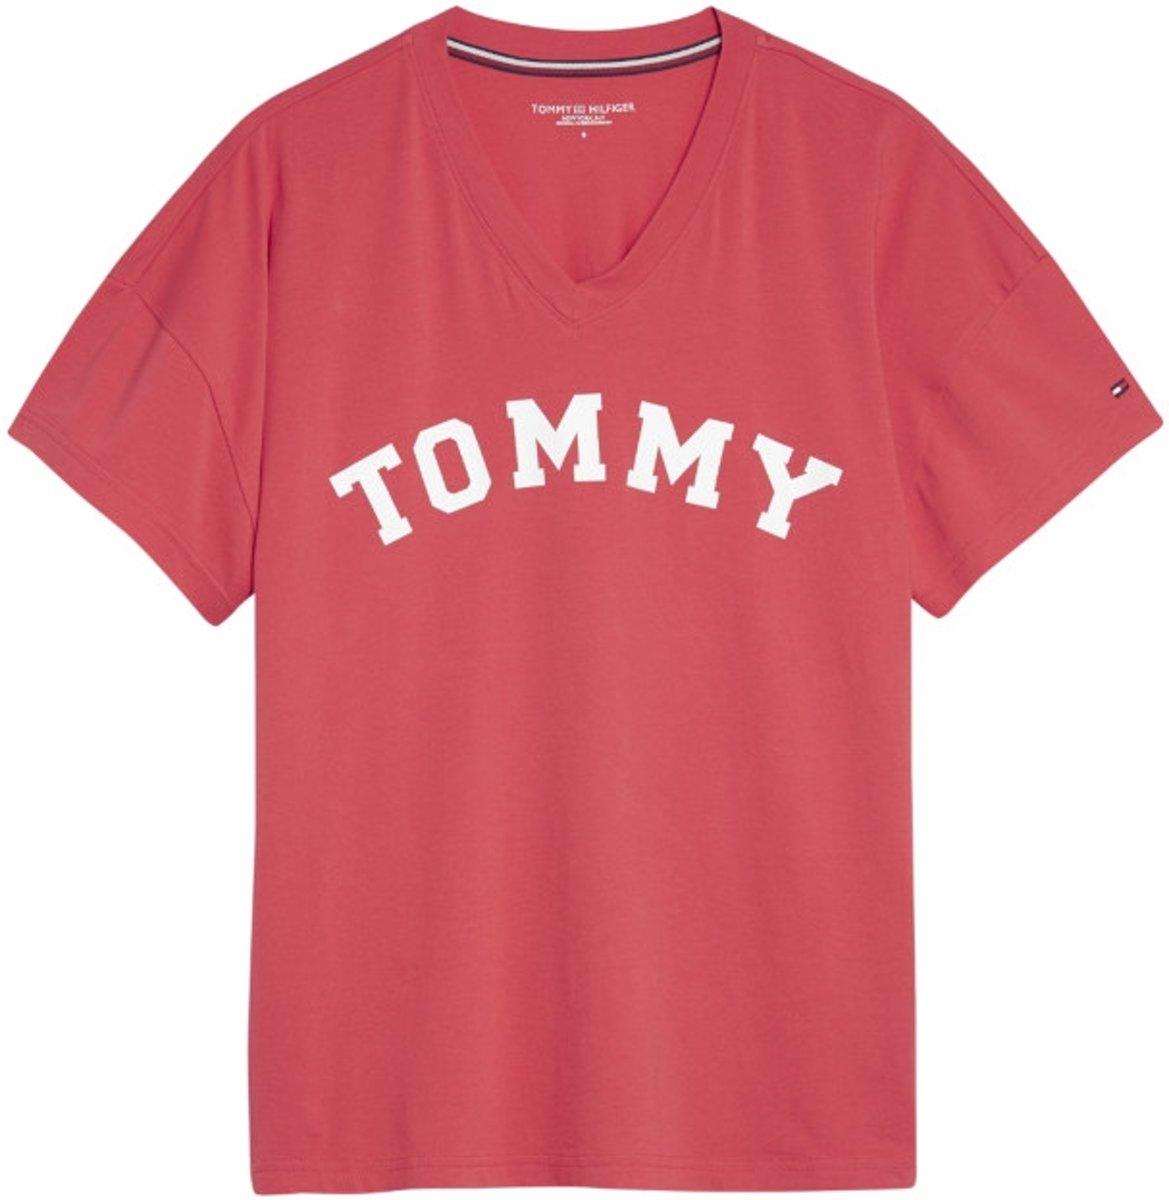 Tommy Hilfiger dames t-shirt v-neck-L kopen